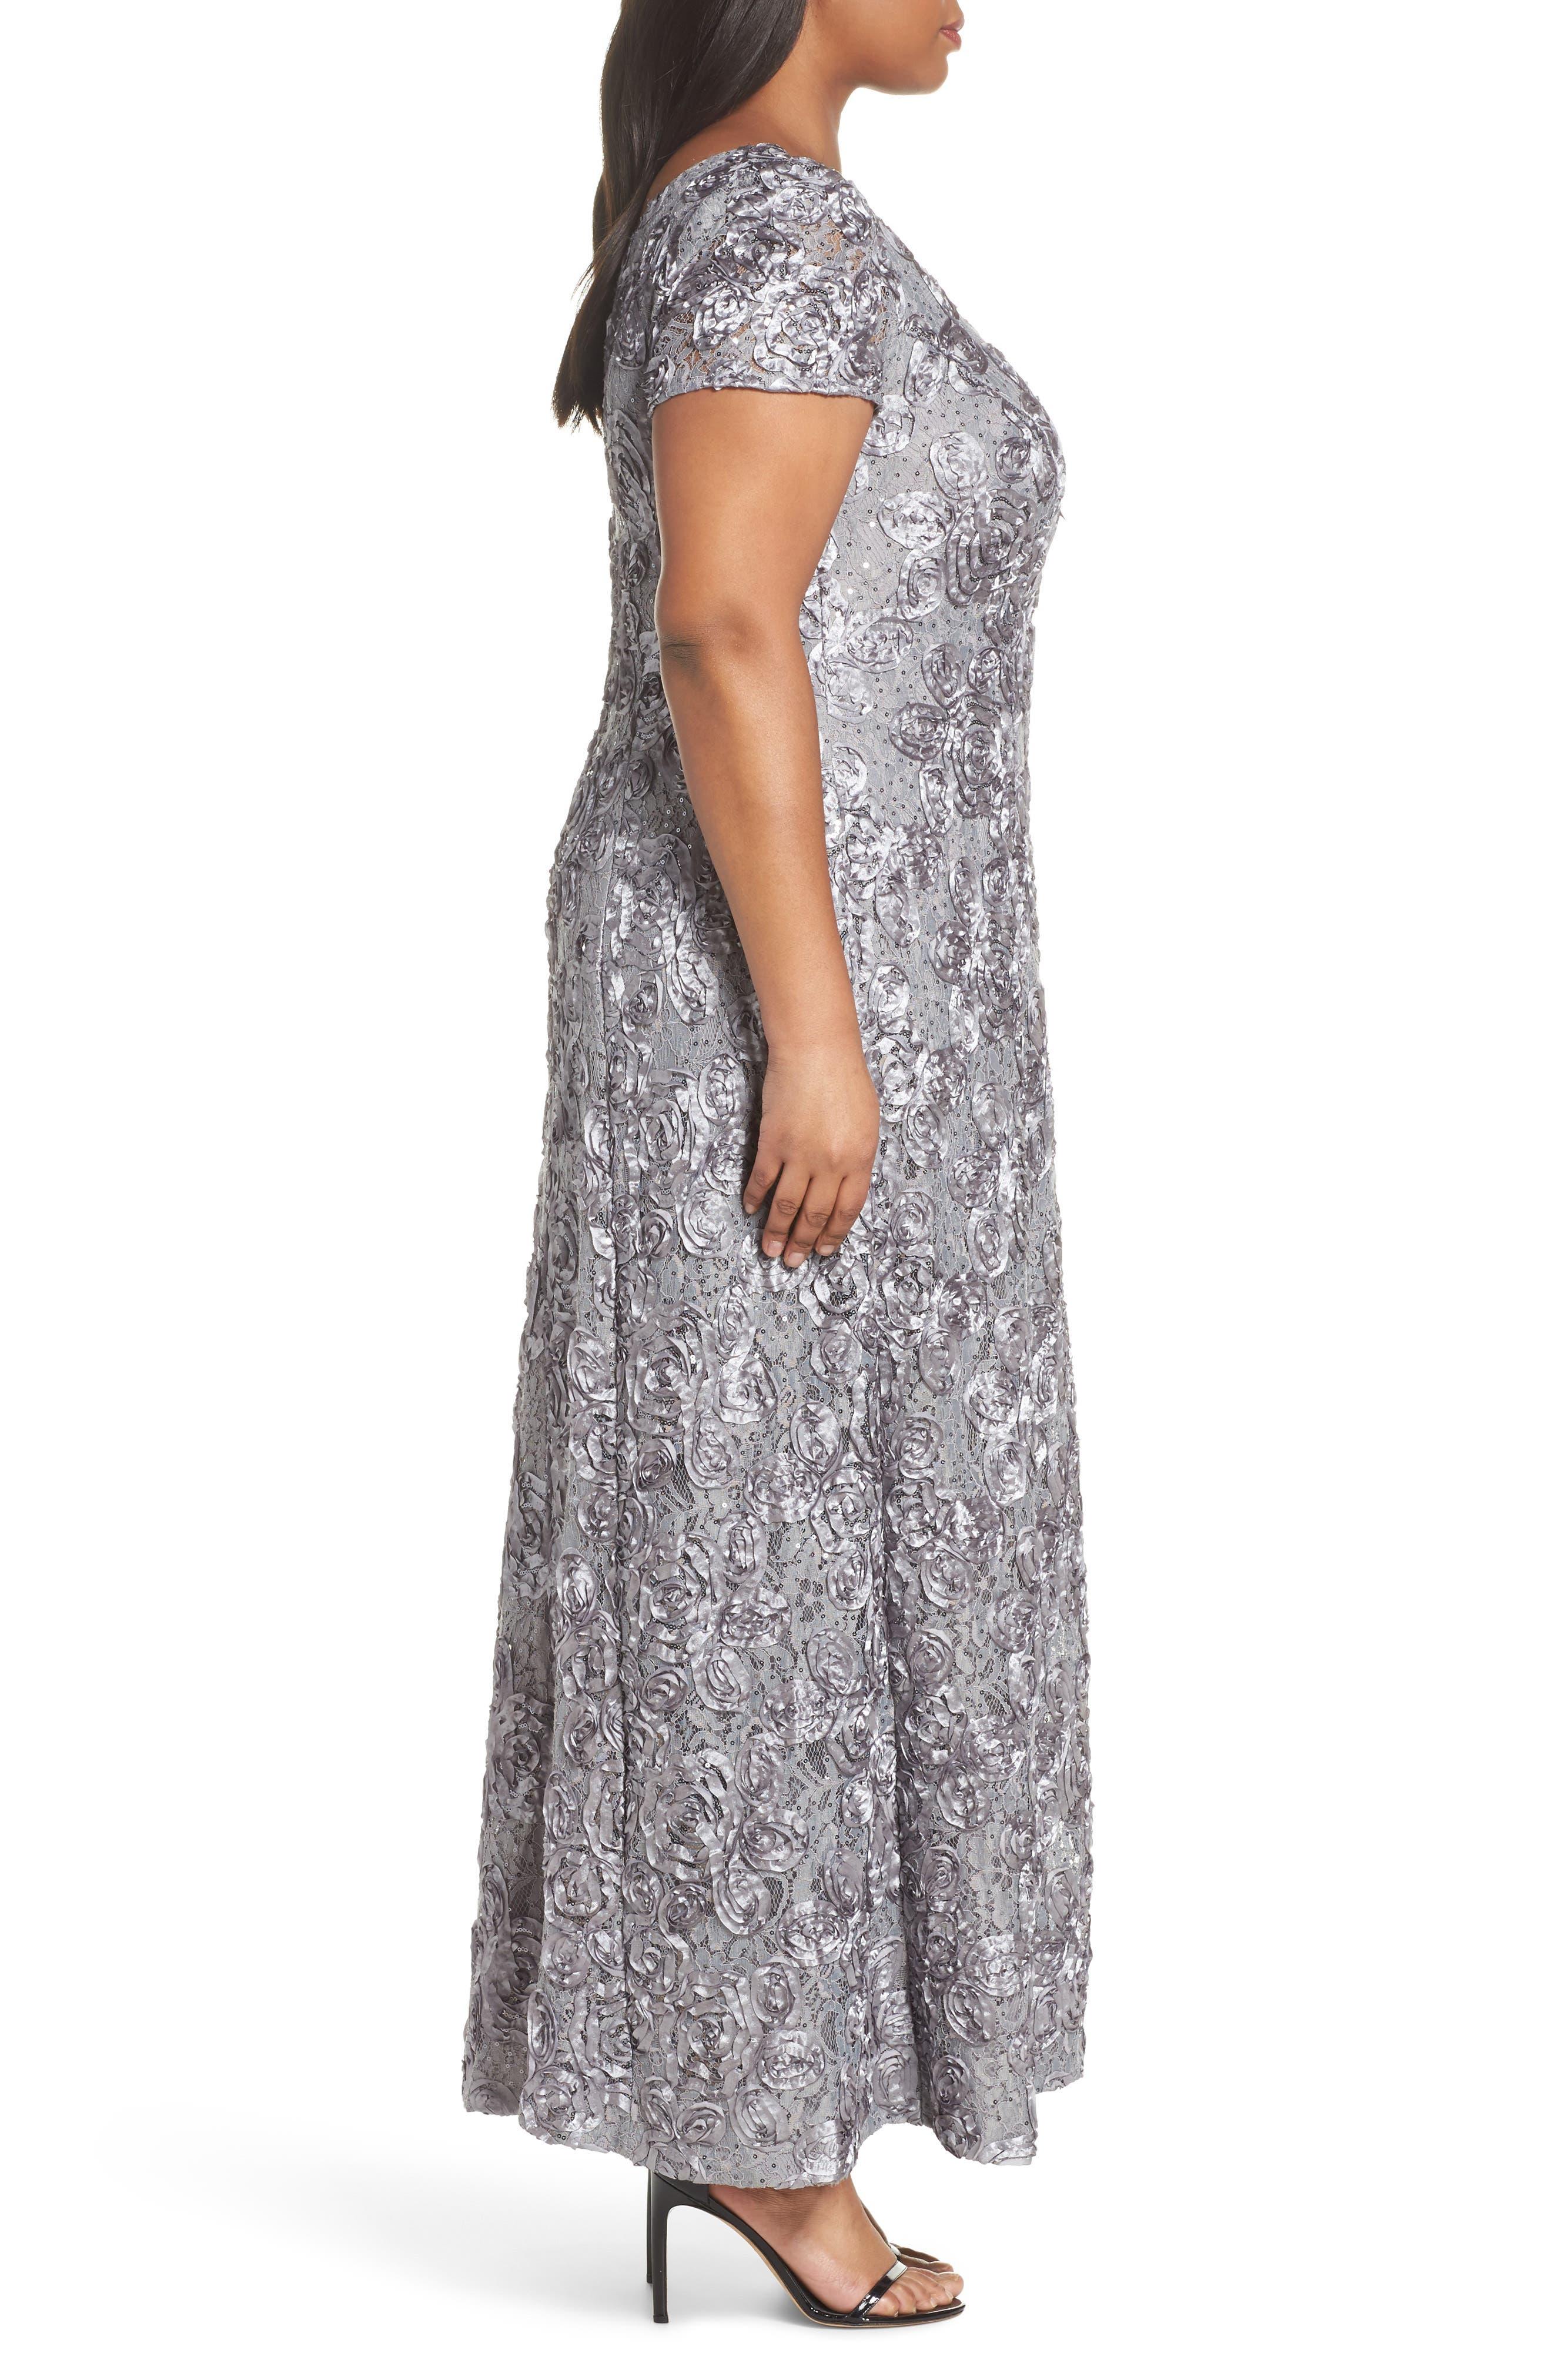 ALEX EVENINGS, Rosette Lace Short Sleeve A-Line Gown, Alternate thumbnail 4, color, DOVE